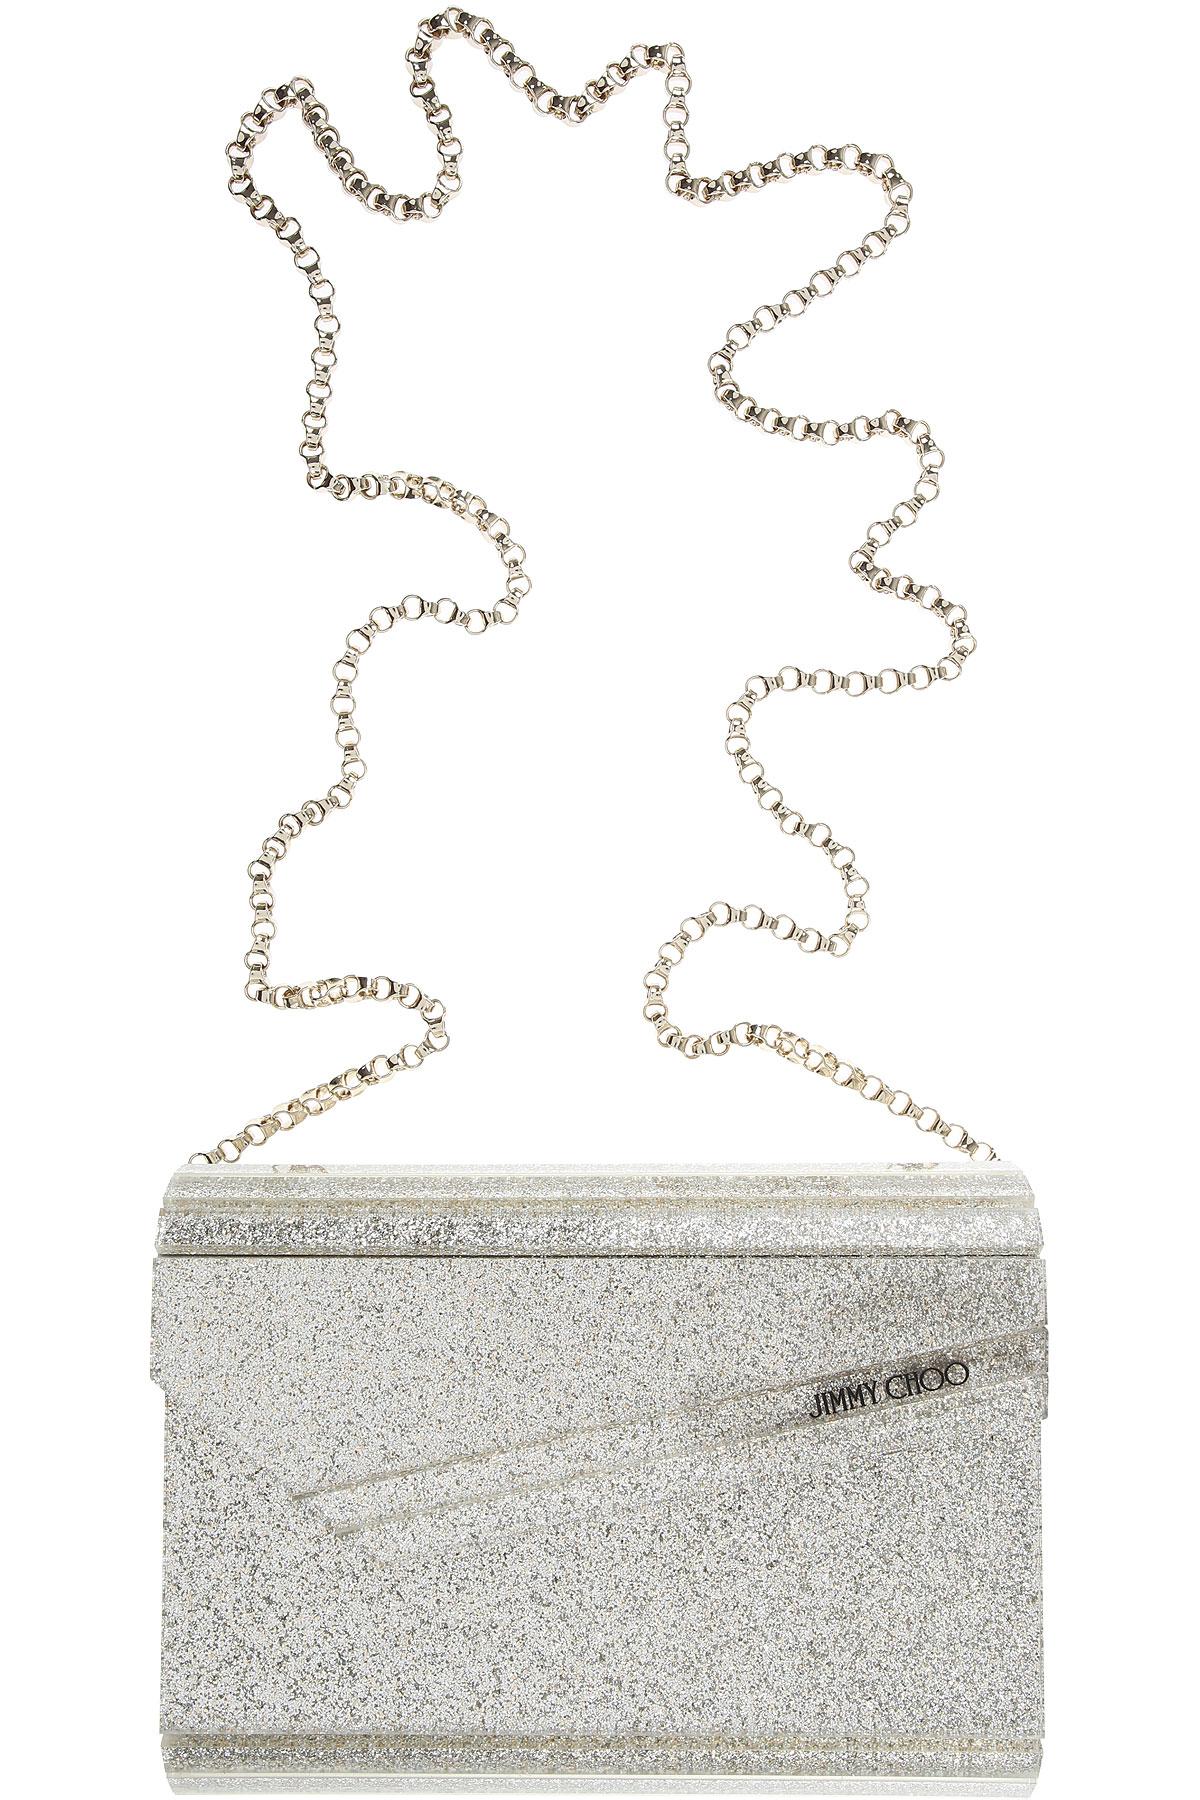 Jimmy Choo Shoulder Bag for Women, Champagne Gold, PVC, 2017